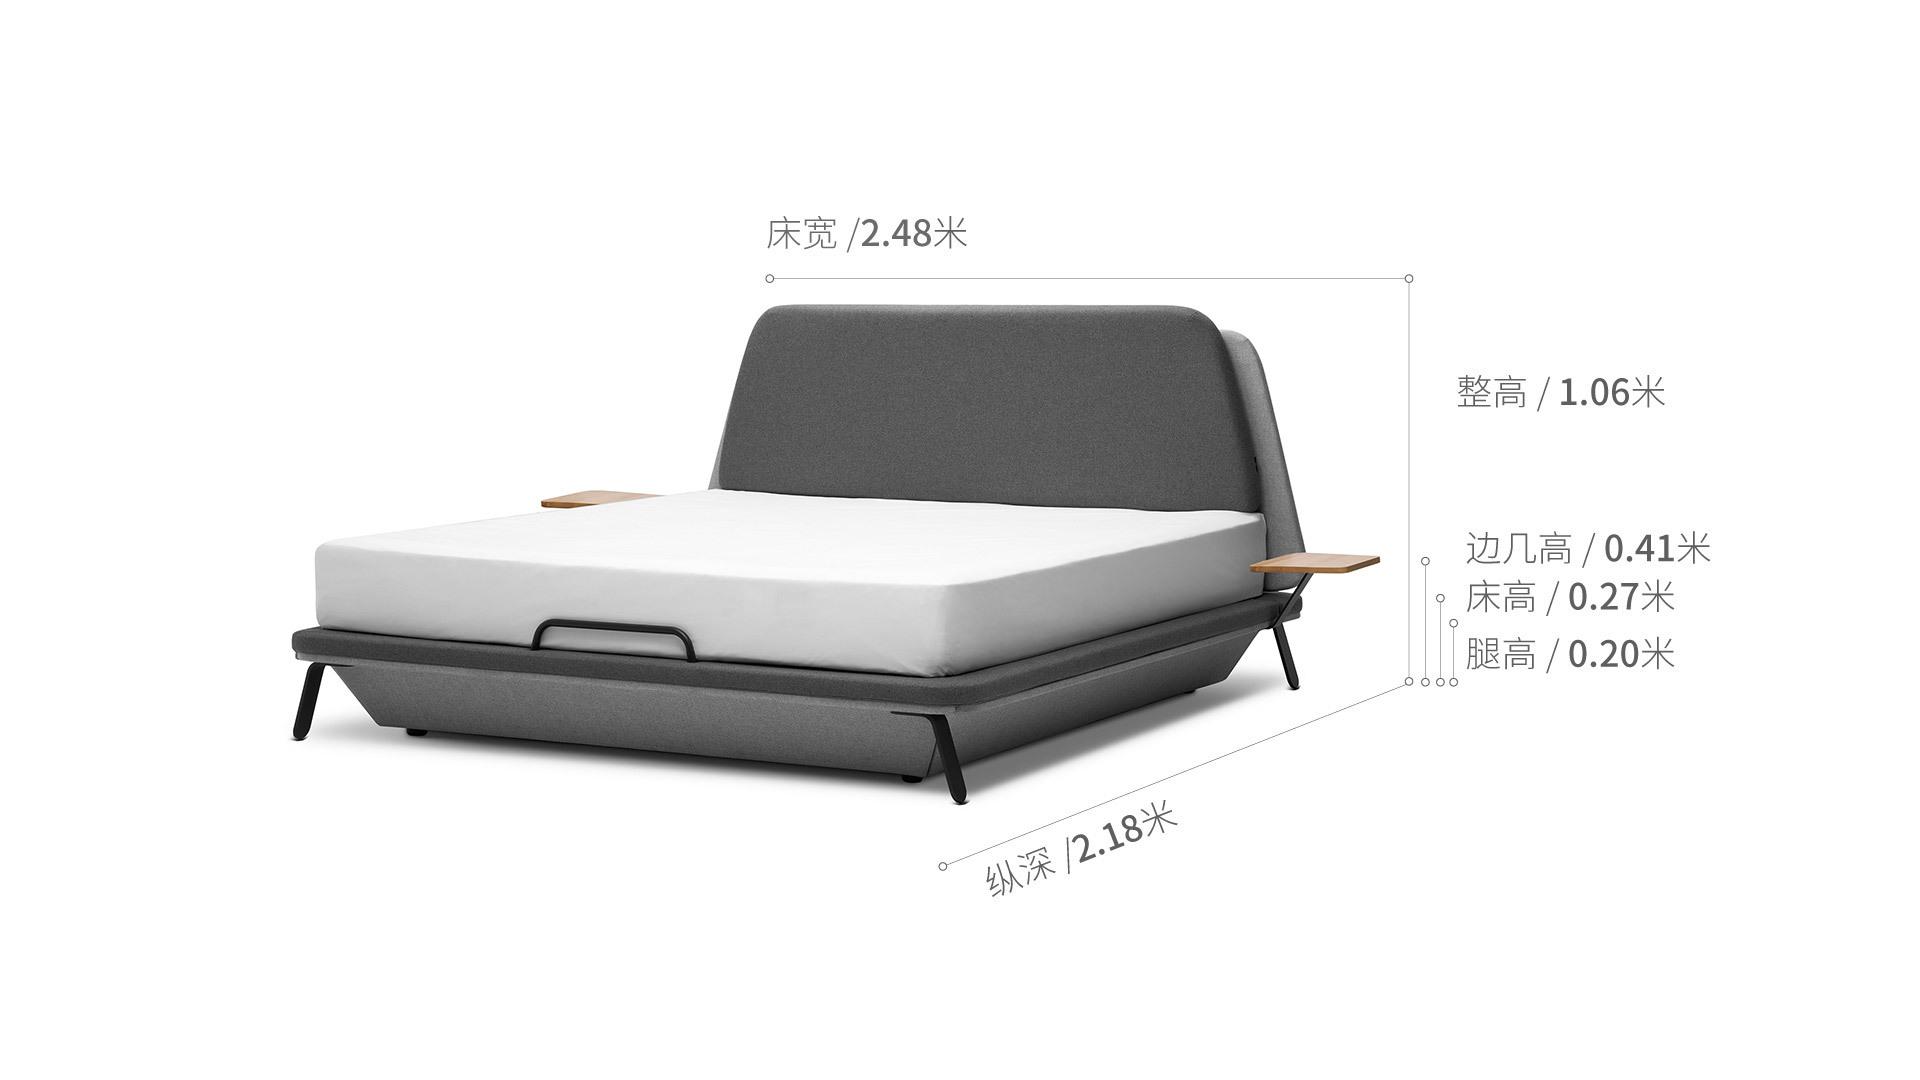 远航床1.8米款床·床具效果图